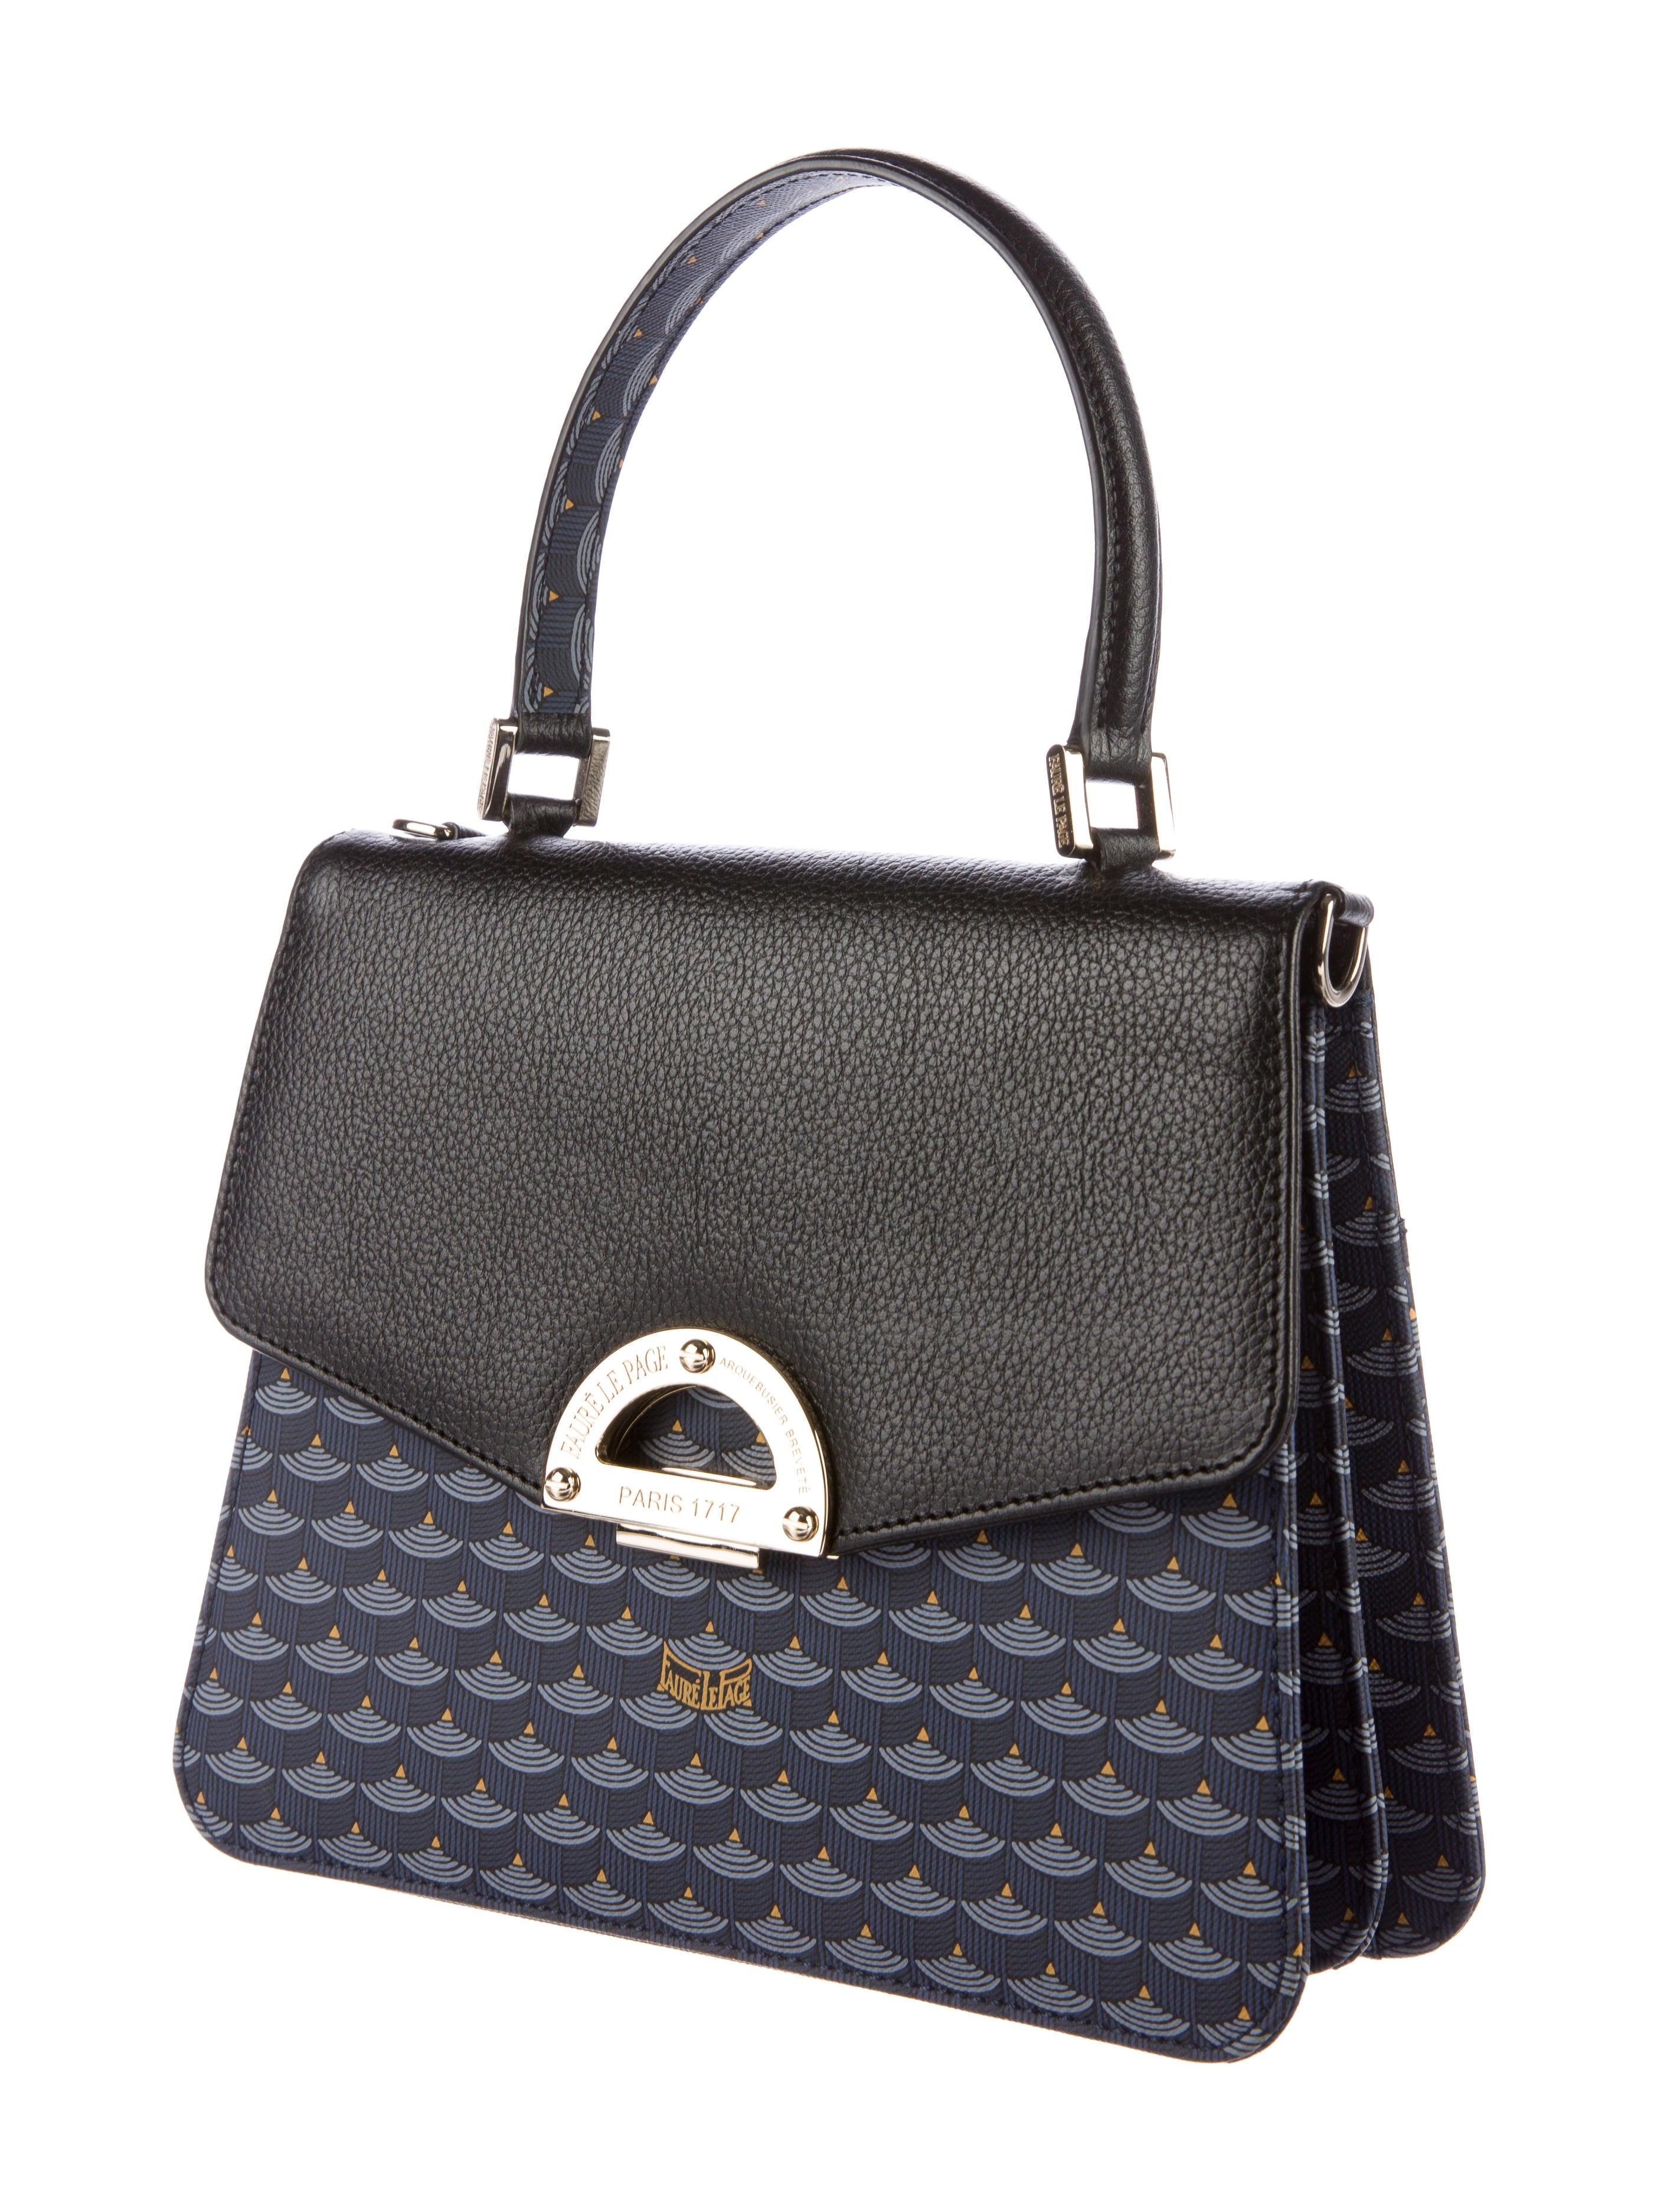 Faur 233 Le Page Parade Bag Handbags Flp20006 The Realreal